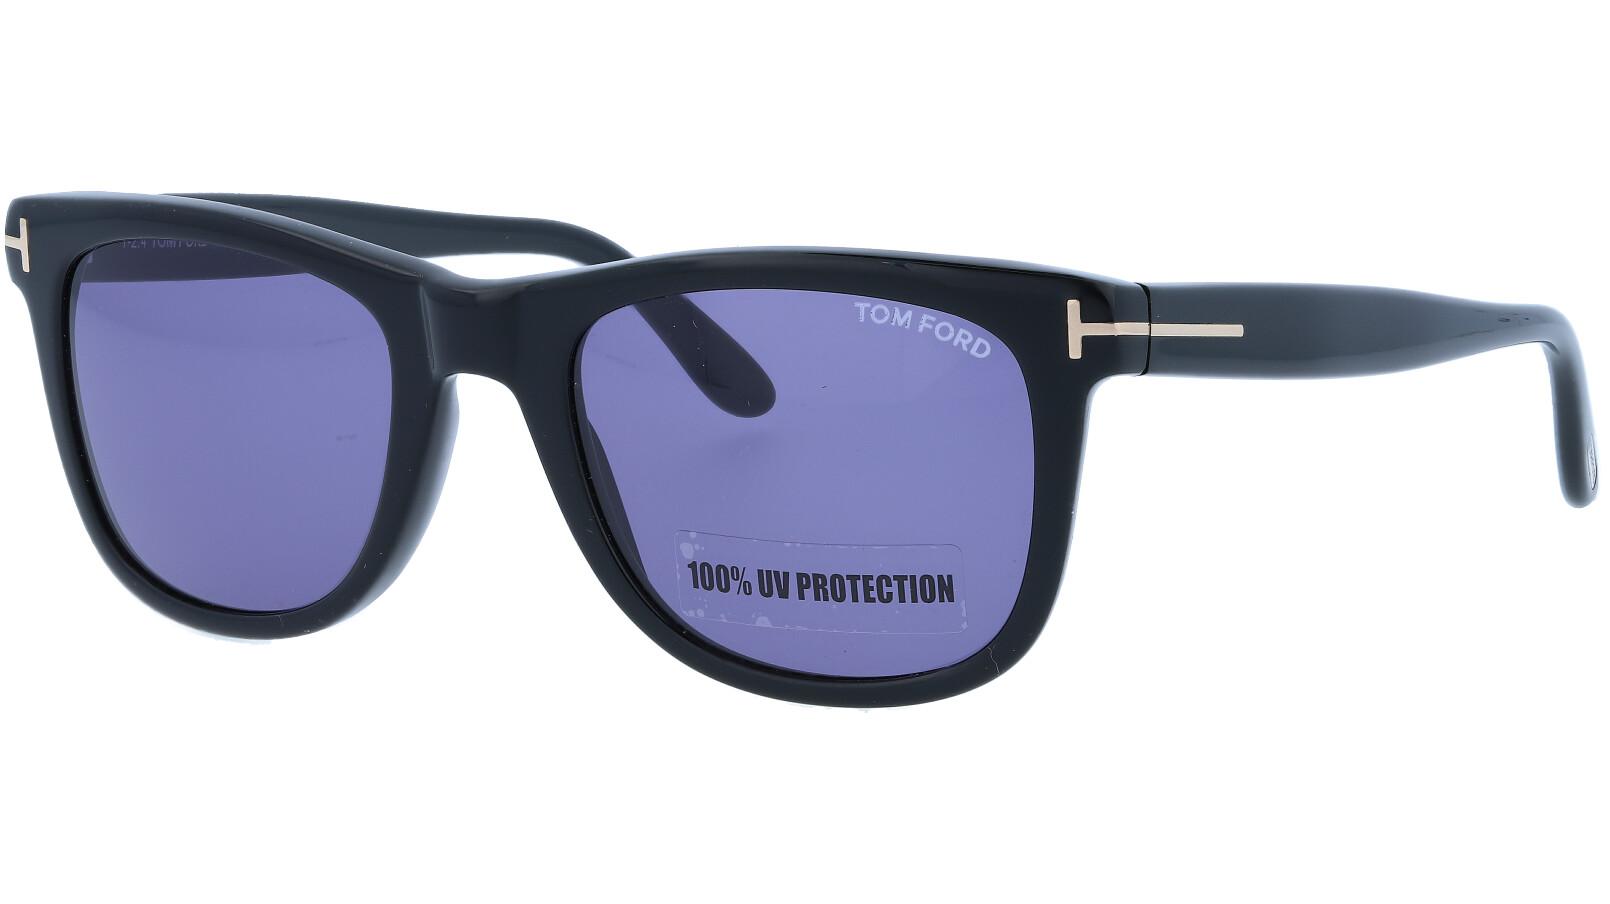 Tom Ford TF336 01V 52 Black Titanium Sunglasses